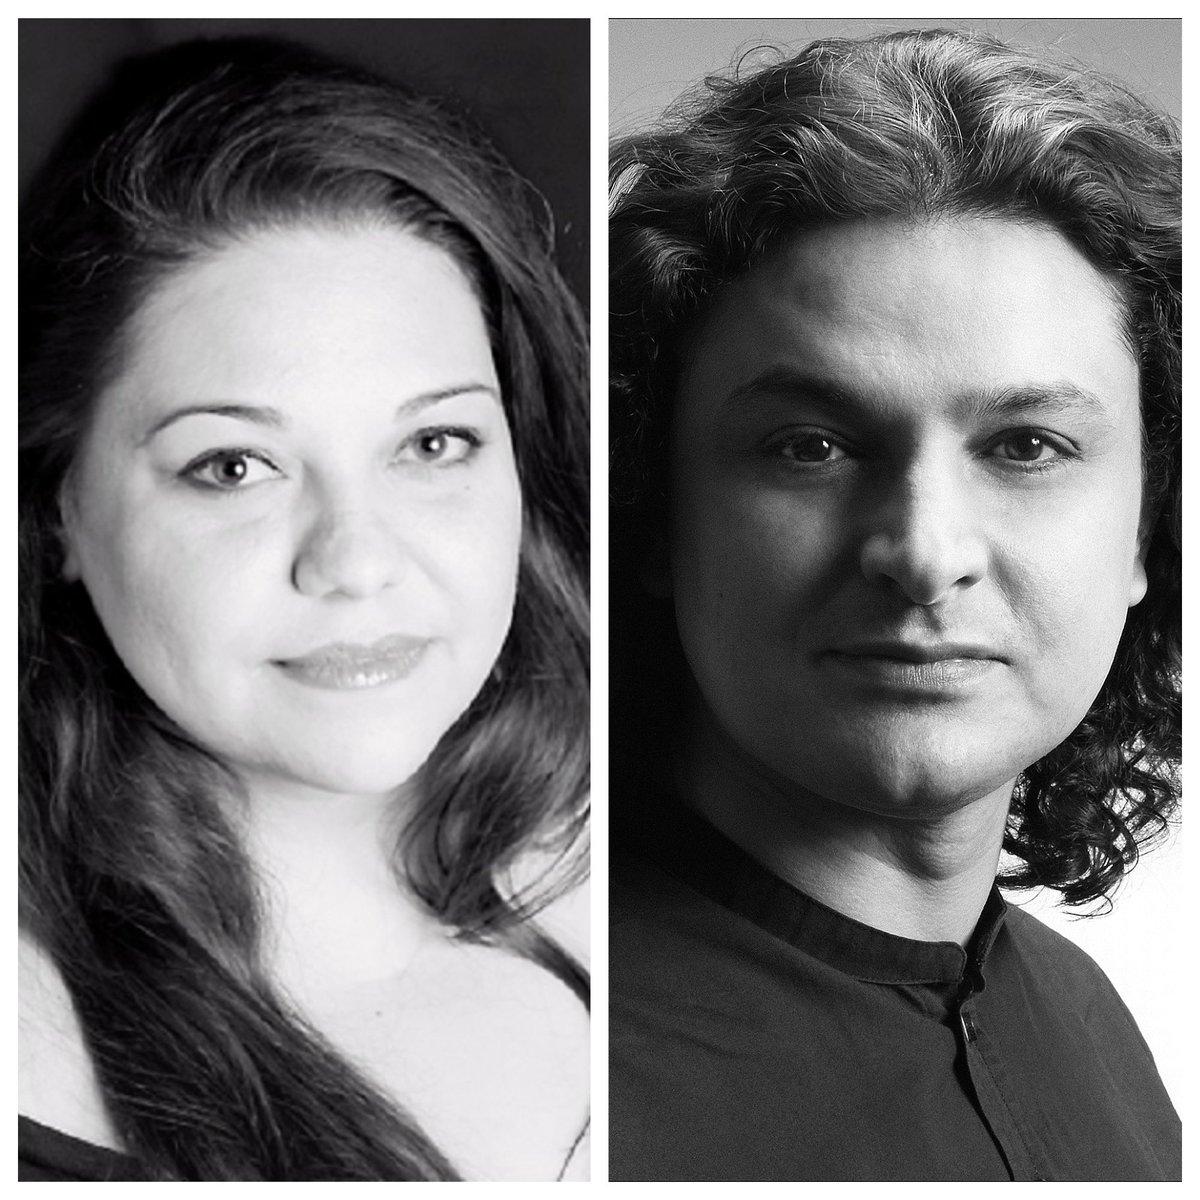 RT @musiespana María Luisa Corbacho y @AlfredoGarciabr con @OSPAcom en el Concierto Extraordinario de la entrega de los @premiospa. https://t.co/Pu6xlqQ3xt